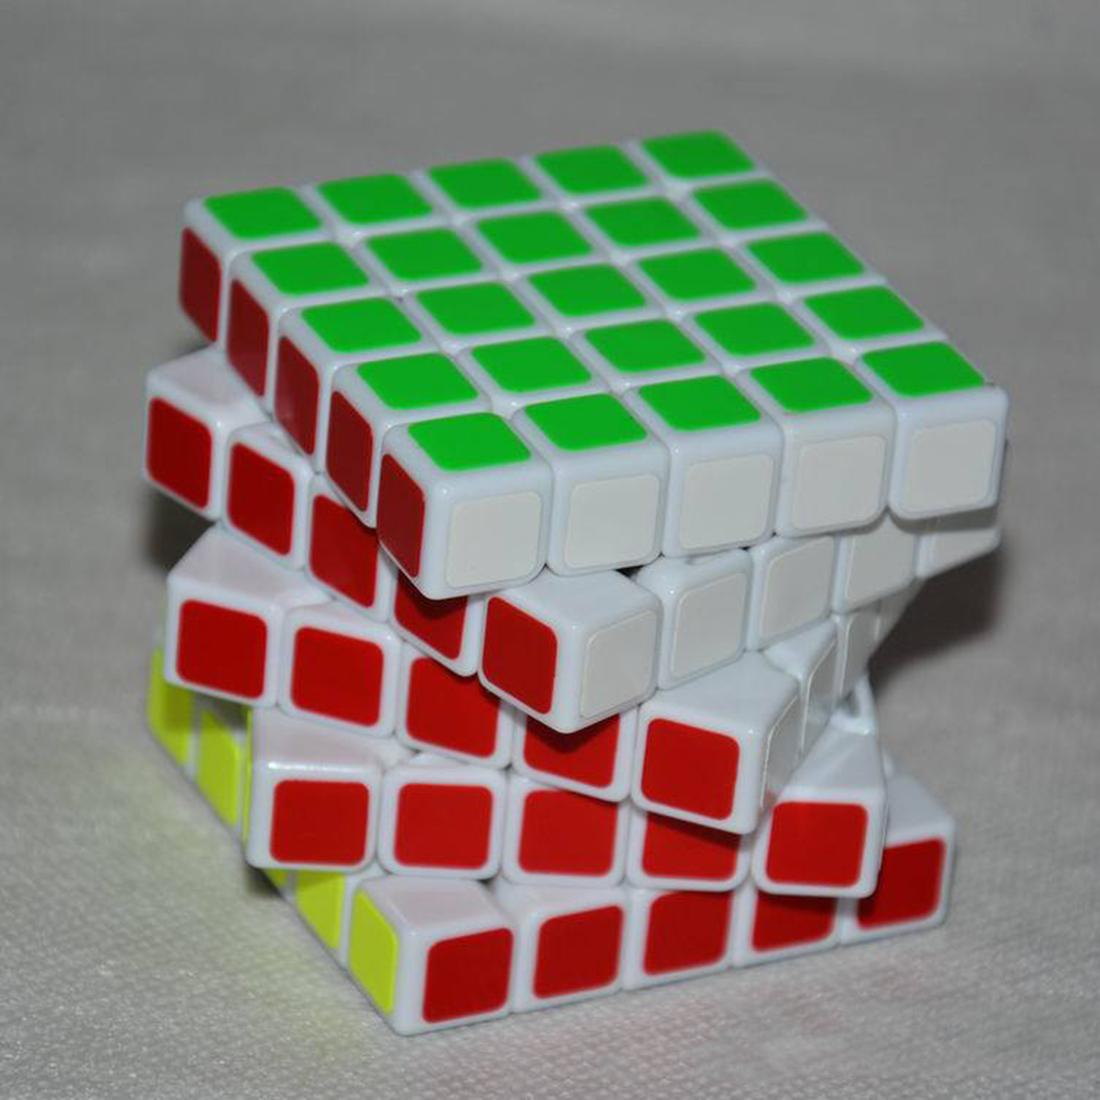 3224-72cf30da15608d1c2b61a7c1bba54860.jpg